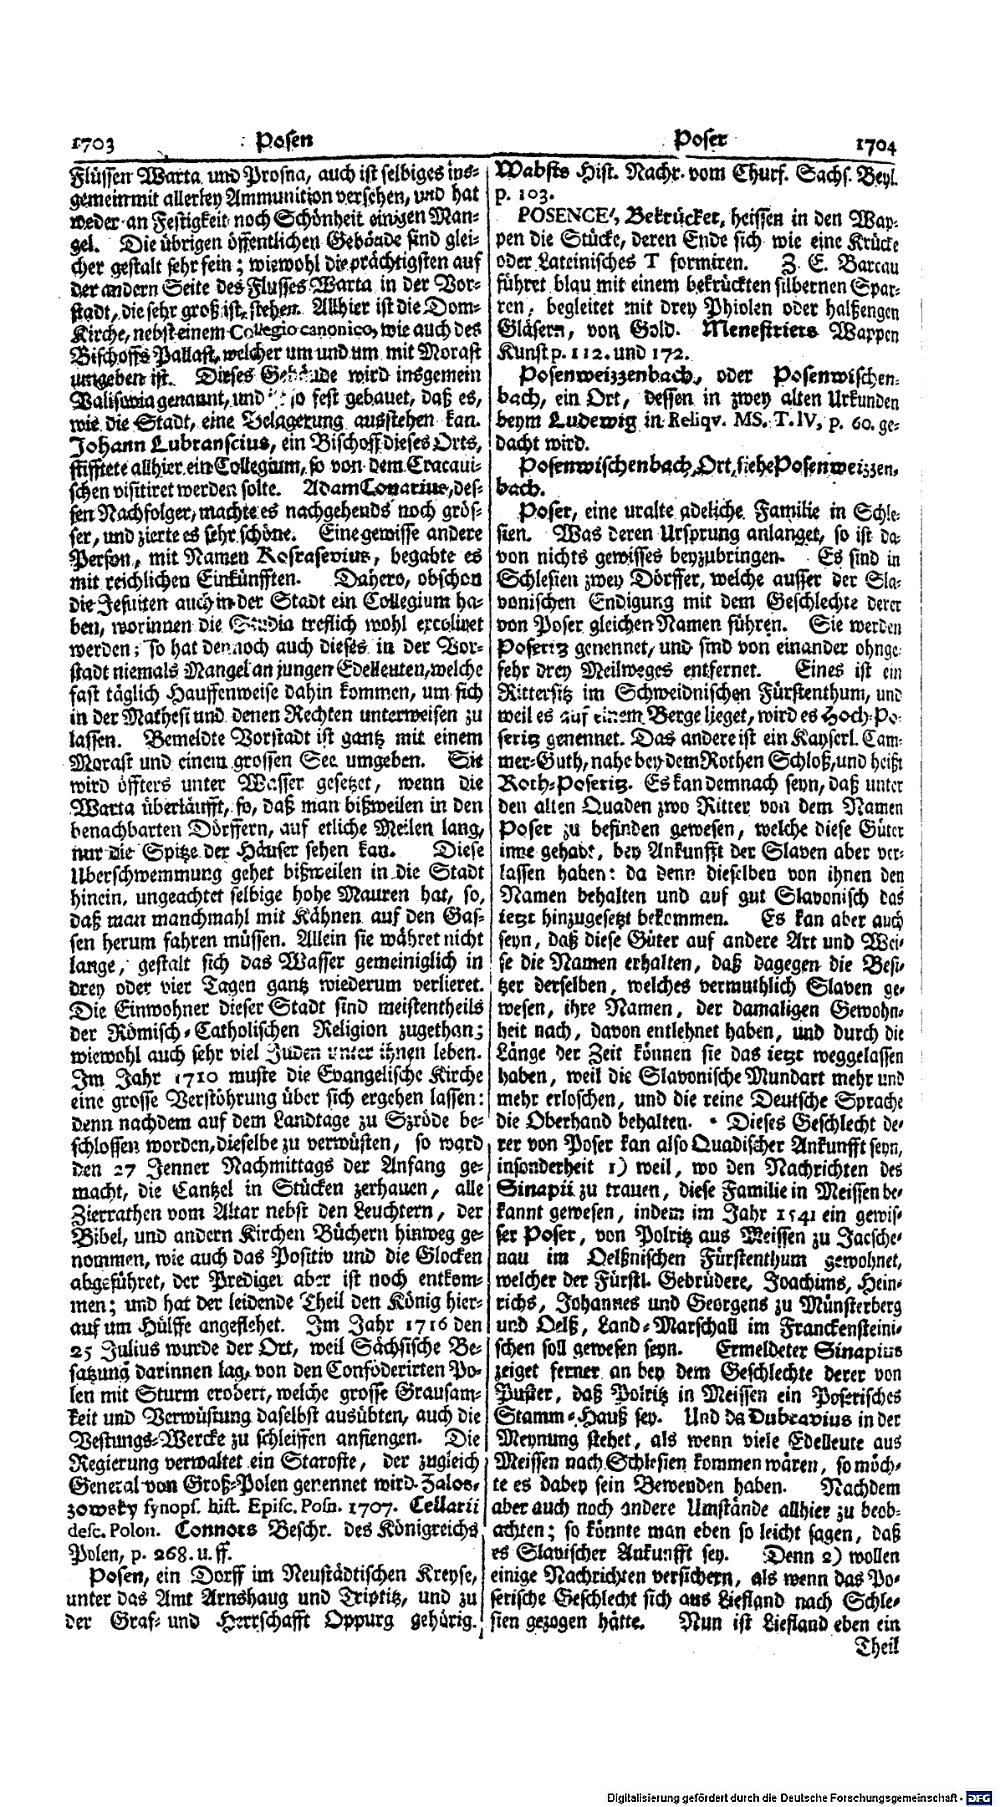 Bd. 28, Seite 0865.